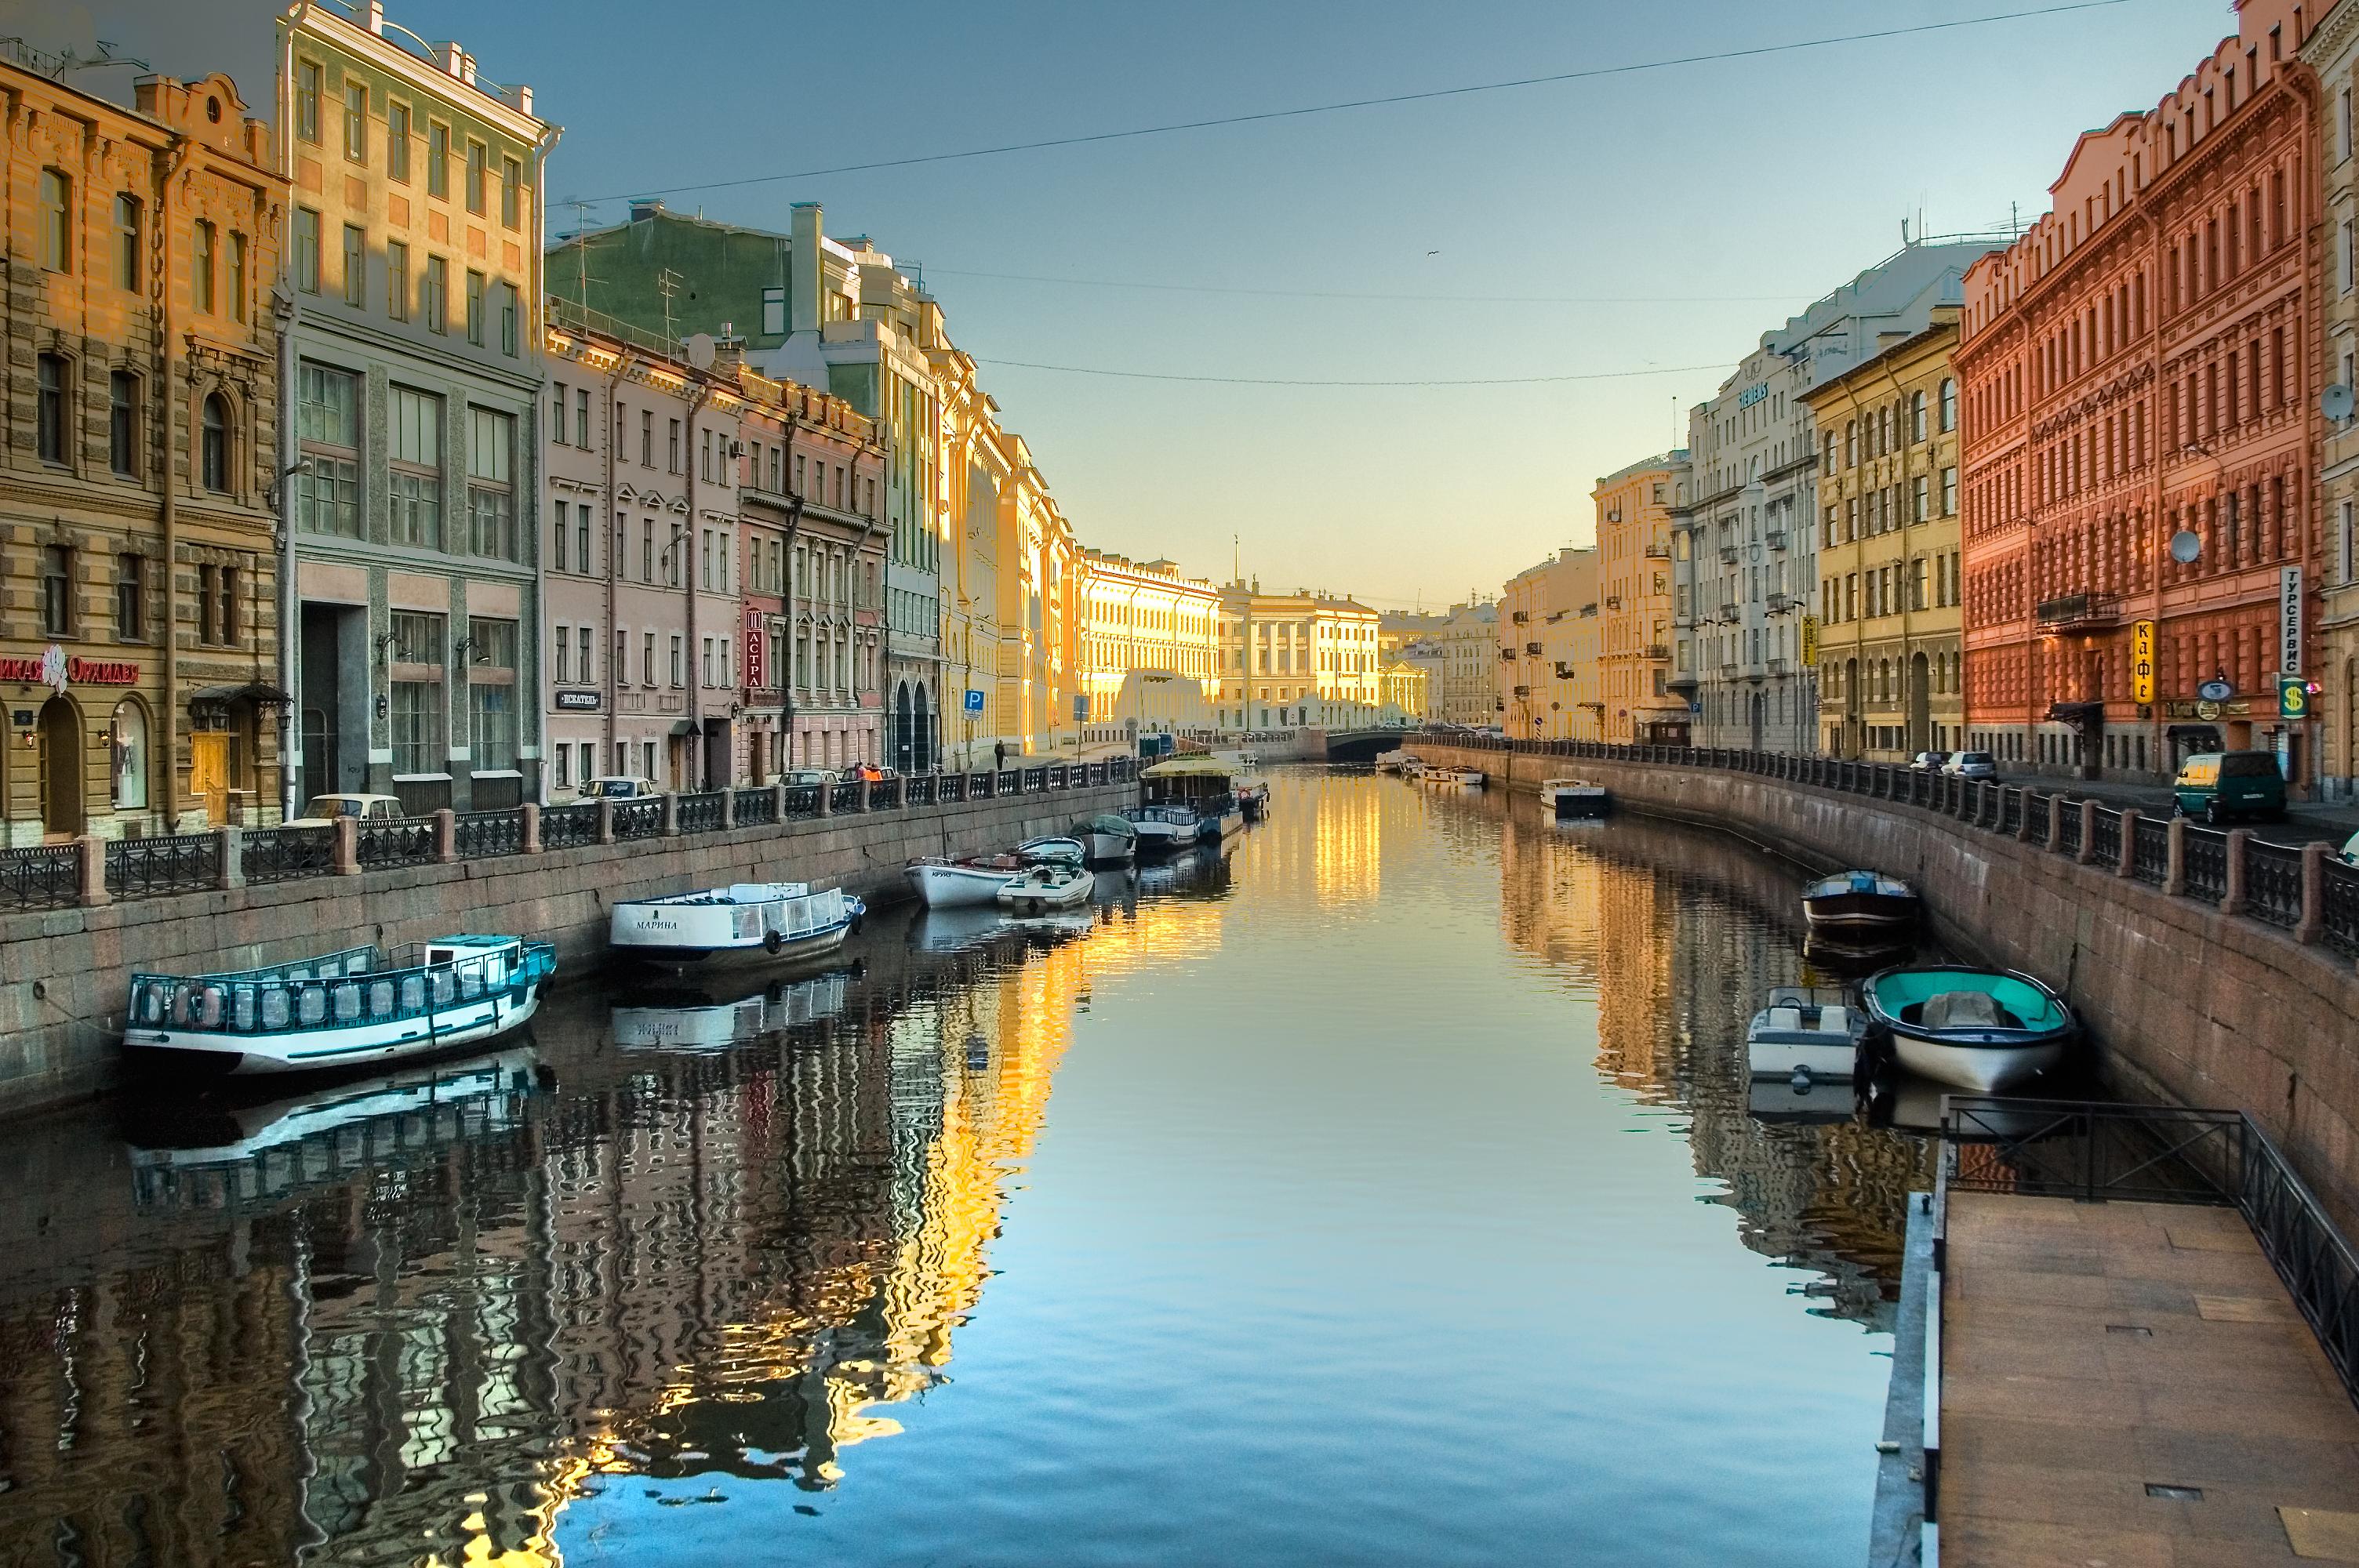 Dreamstime © - Saint-Pétersbourg - Canaux et Neva